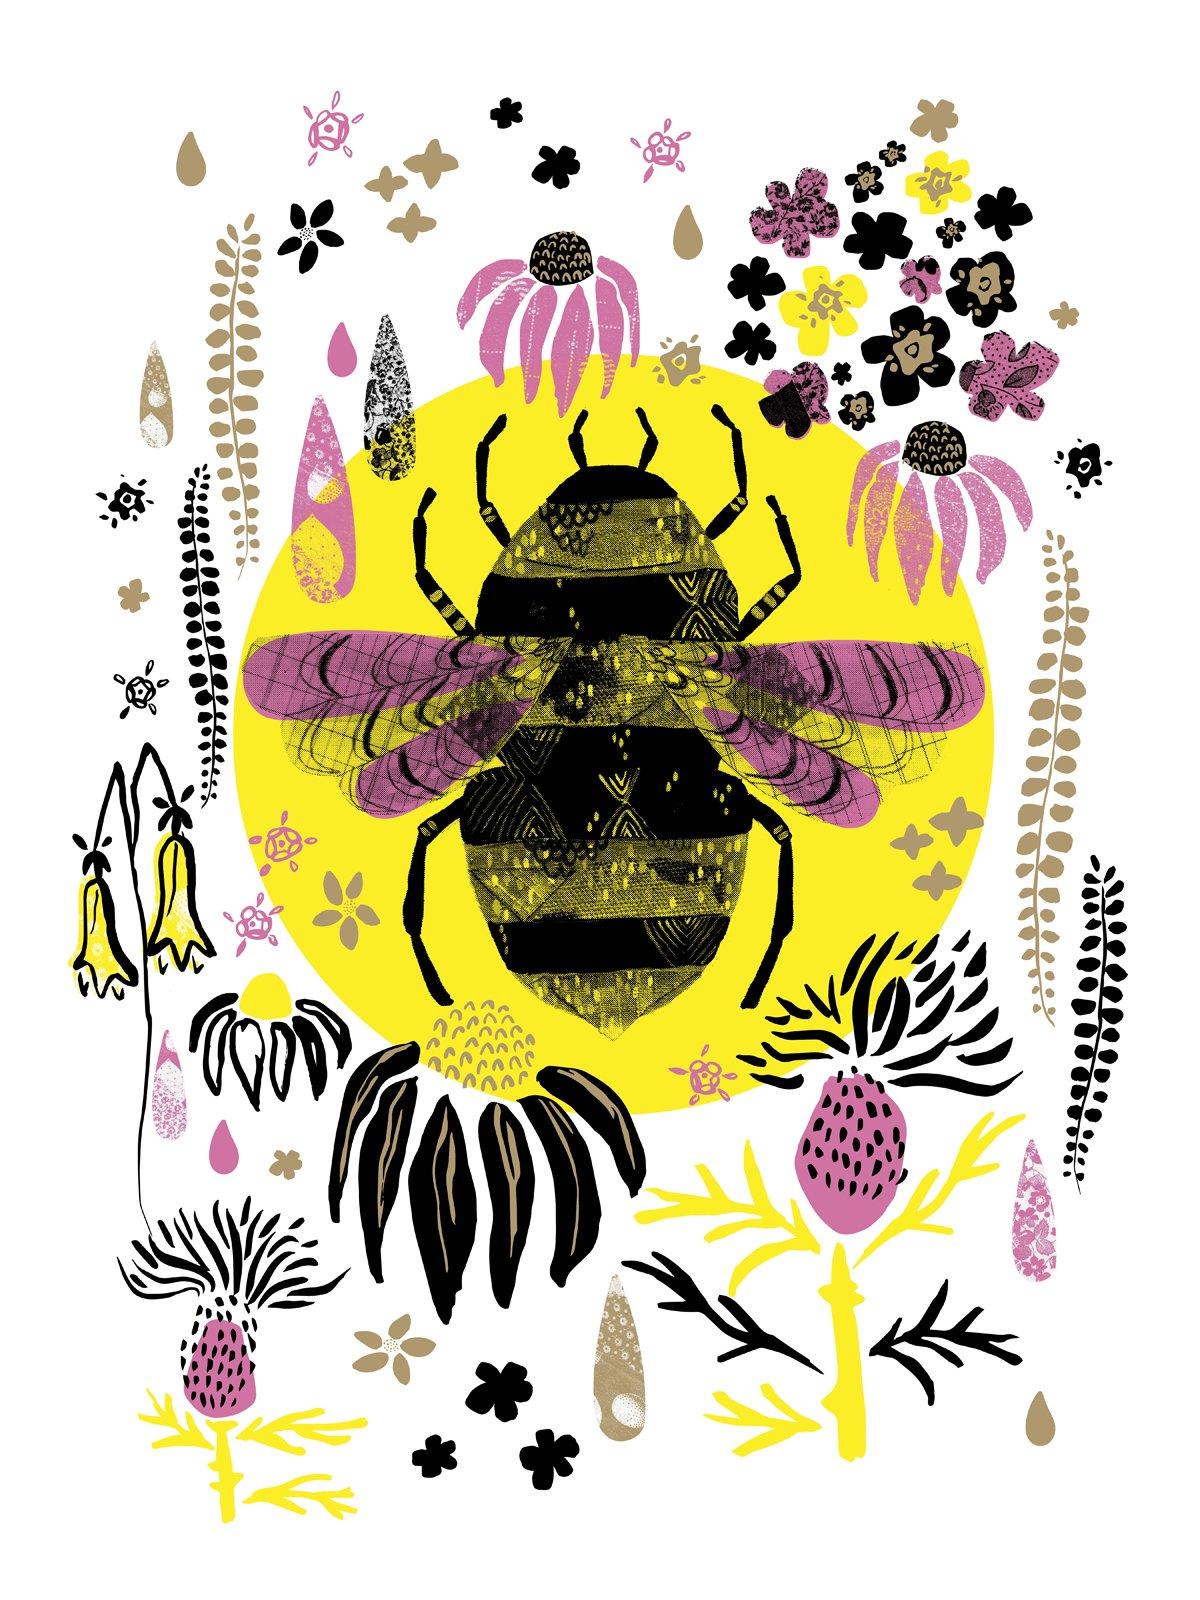 Wildflowers poster by Jessica Schneider